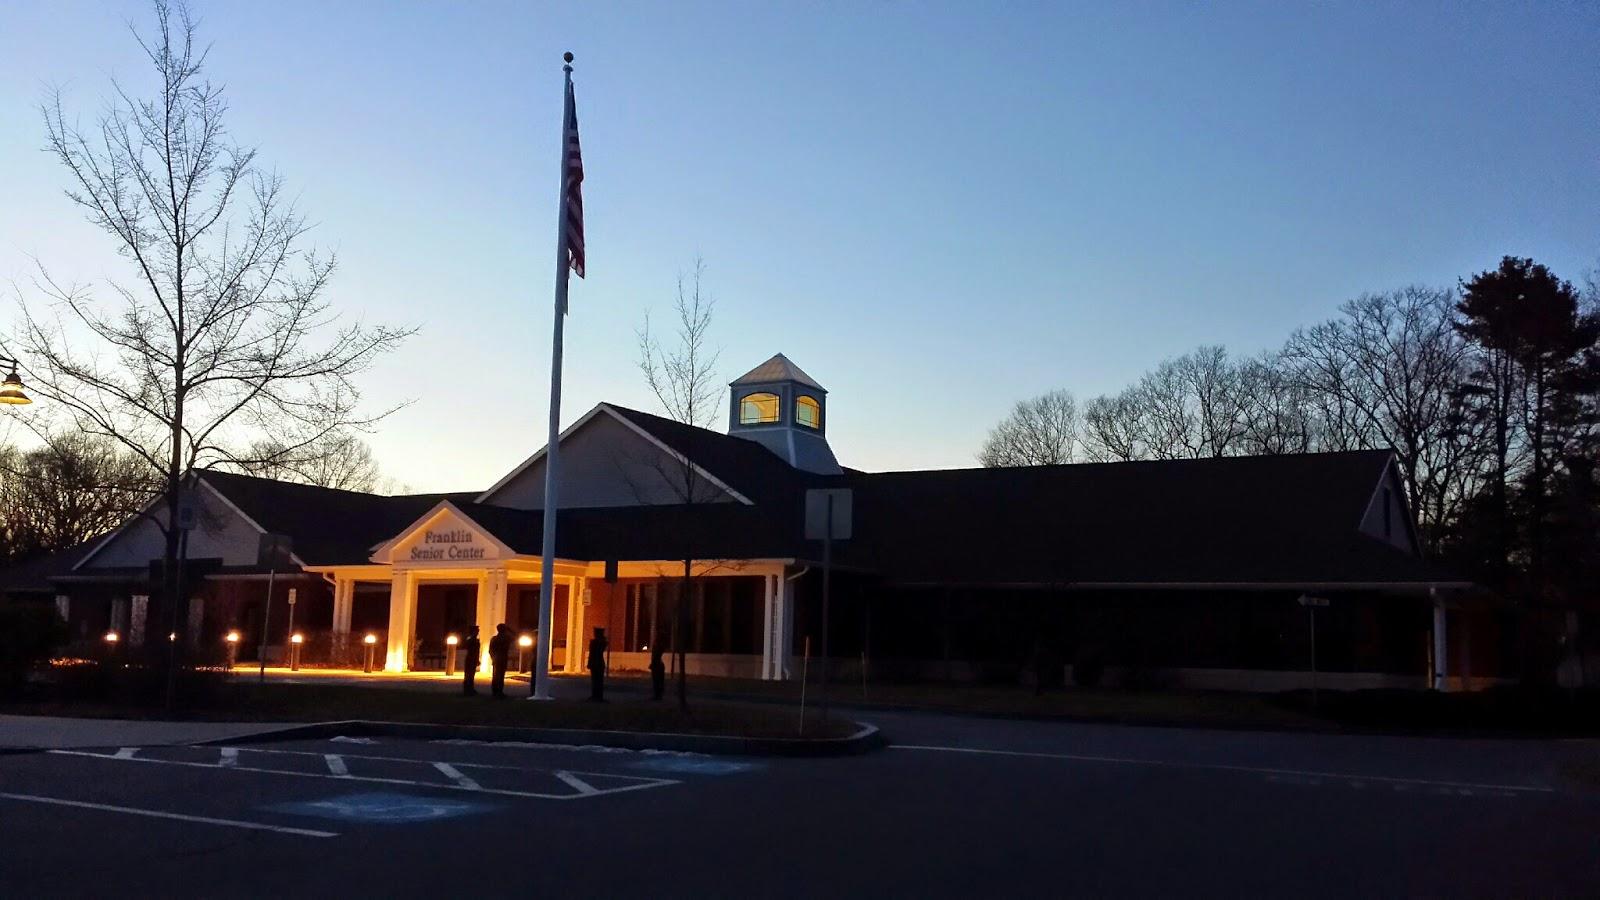 the Franklin Senior Center at night